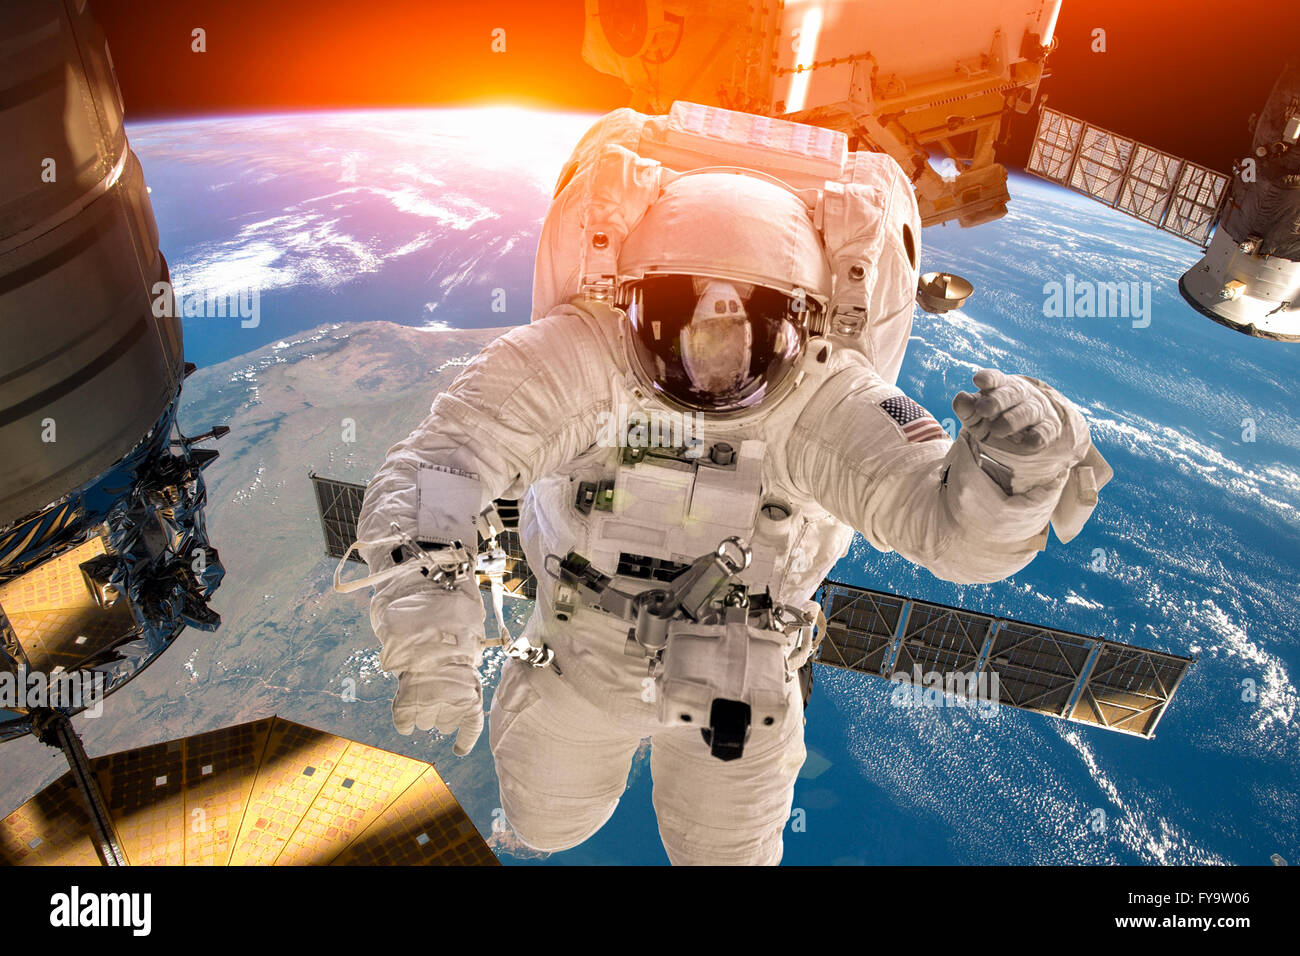 Station spatiale internationale et astronaute dans l'espace au cours de la planète Terre. Éléments Photo Stock